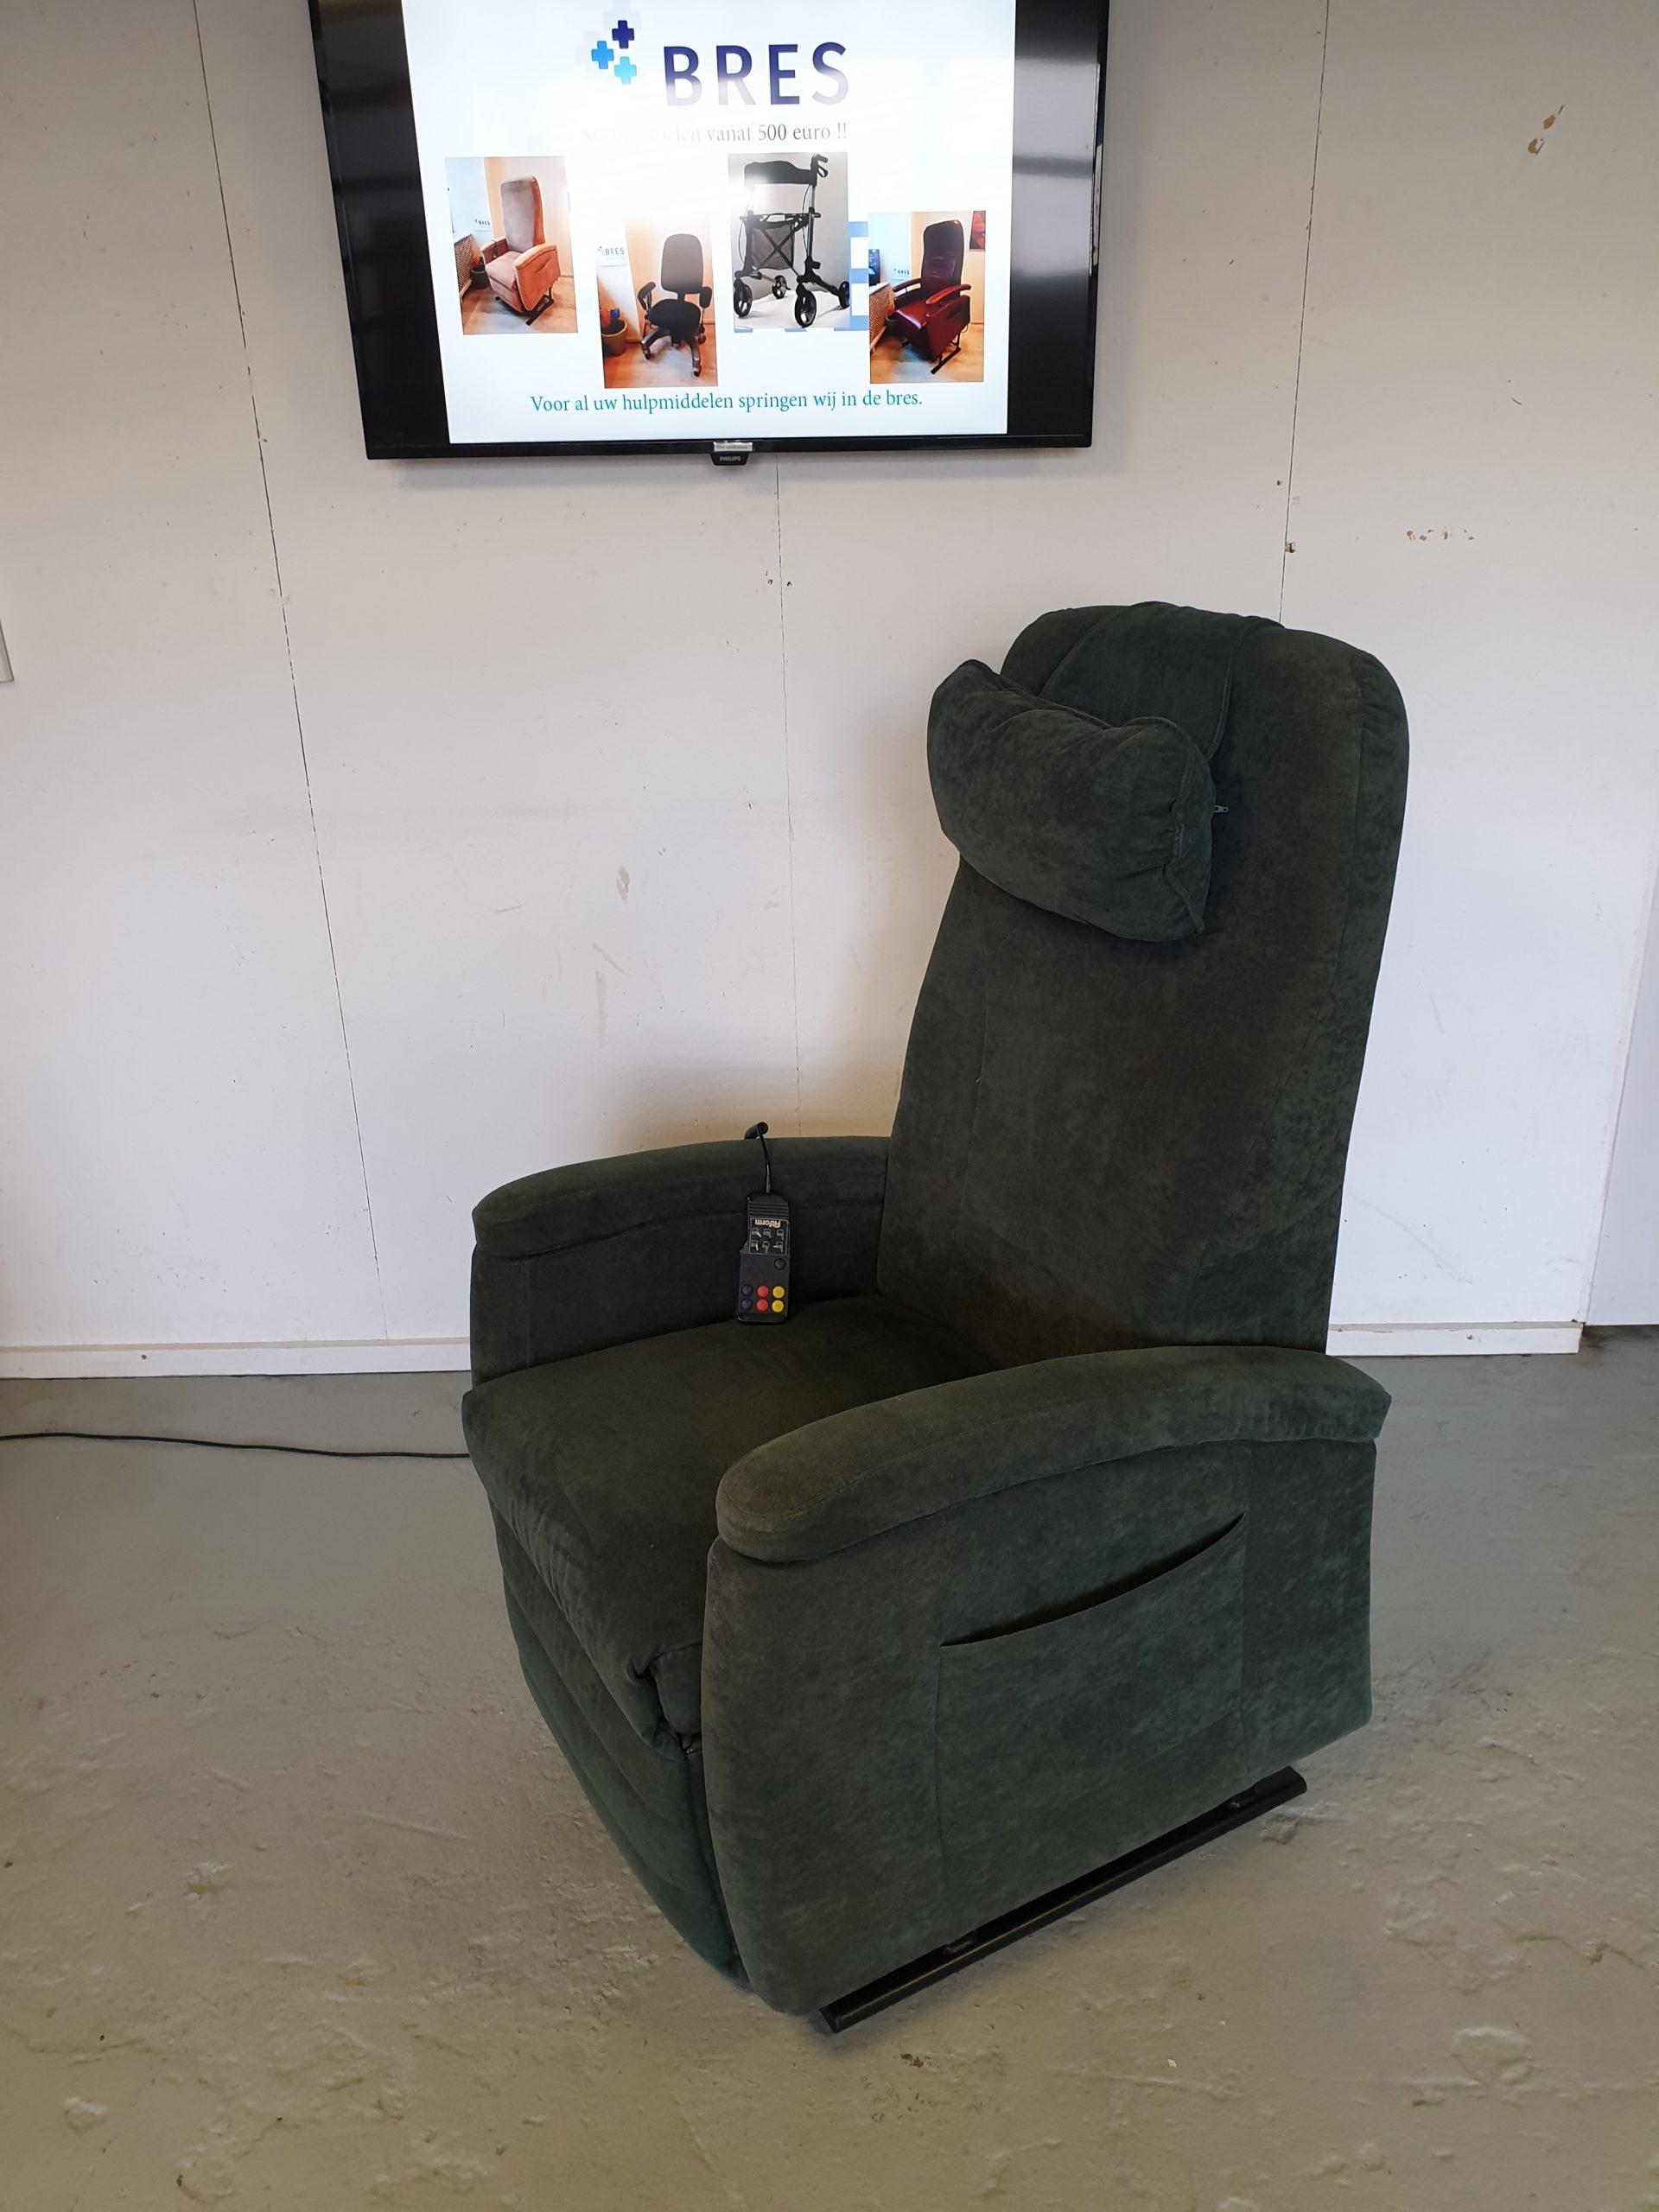 Fitform groen sta op stoel